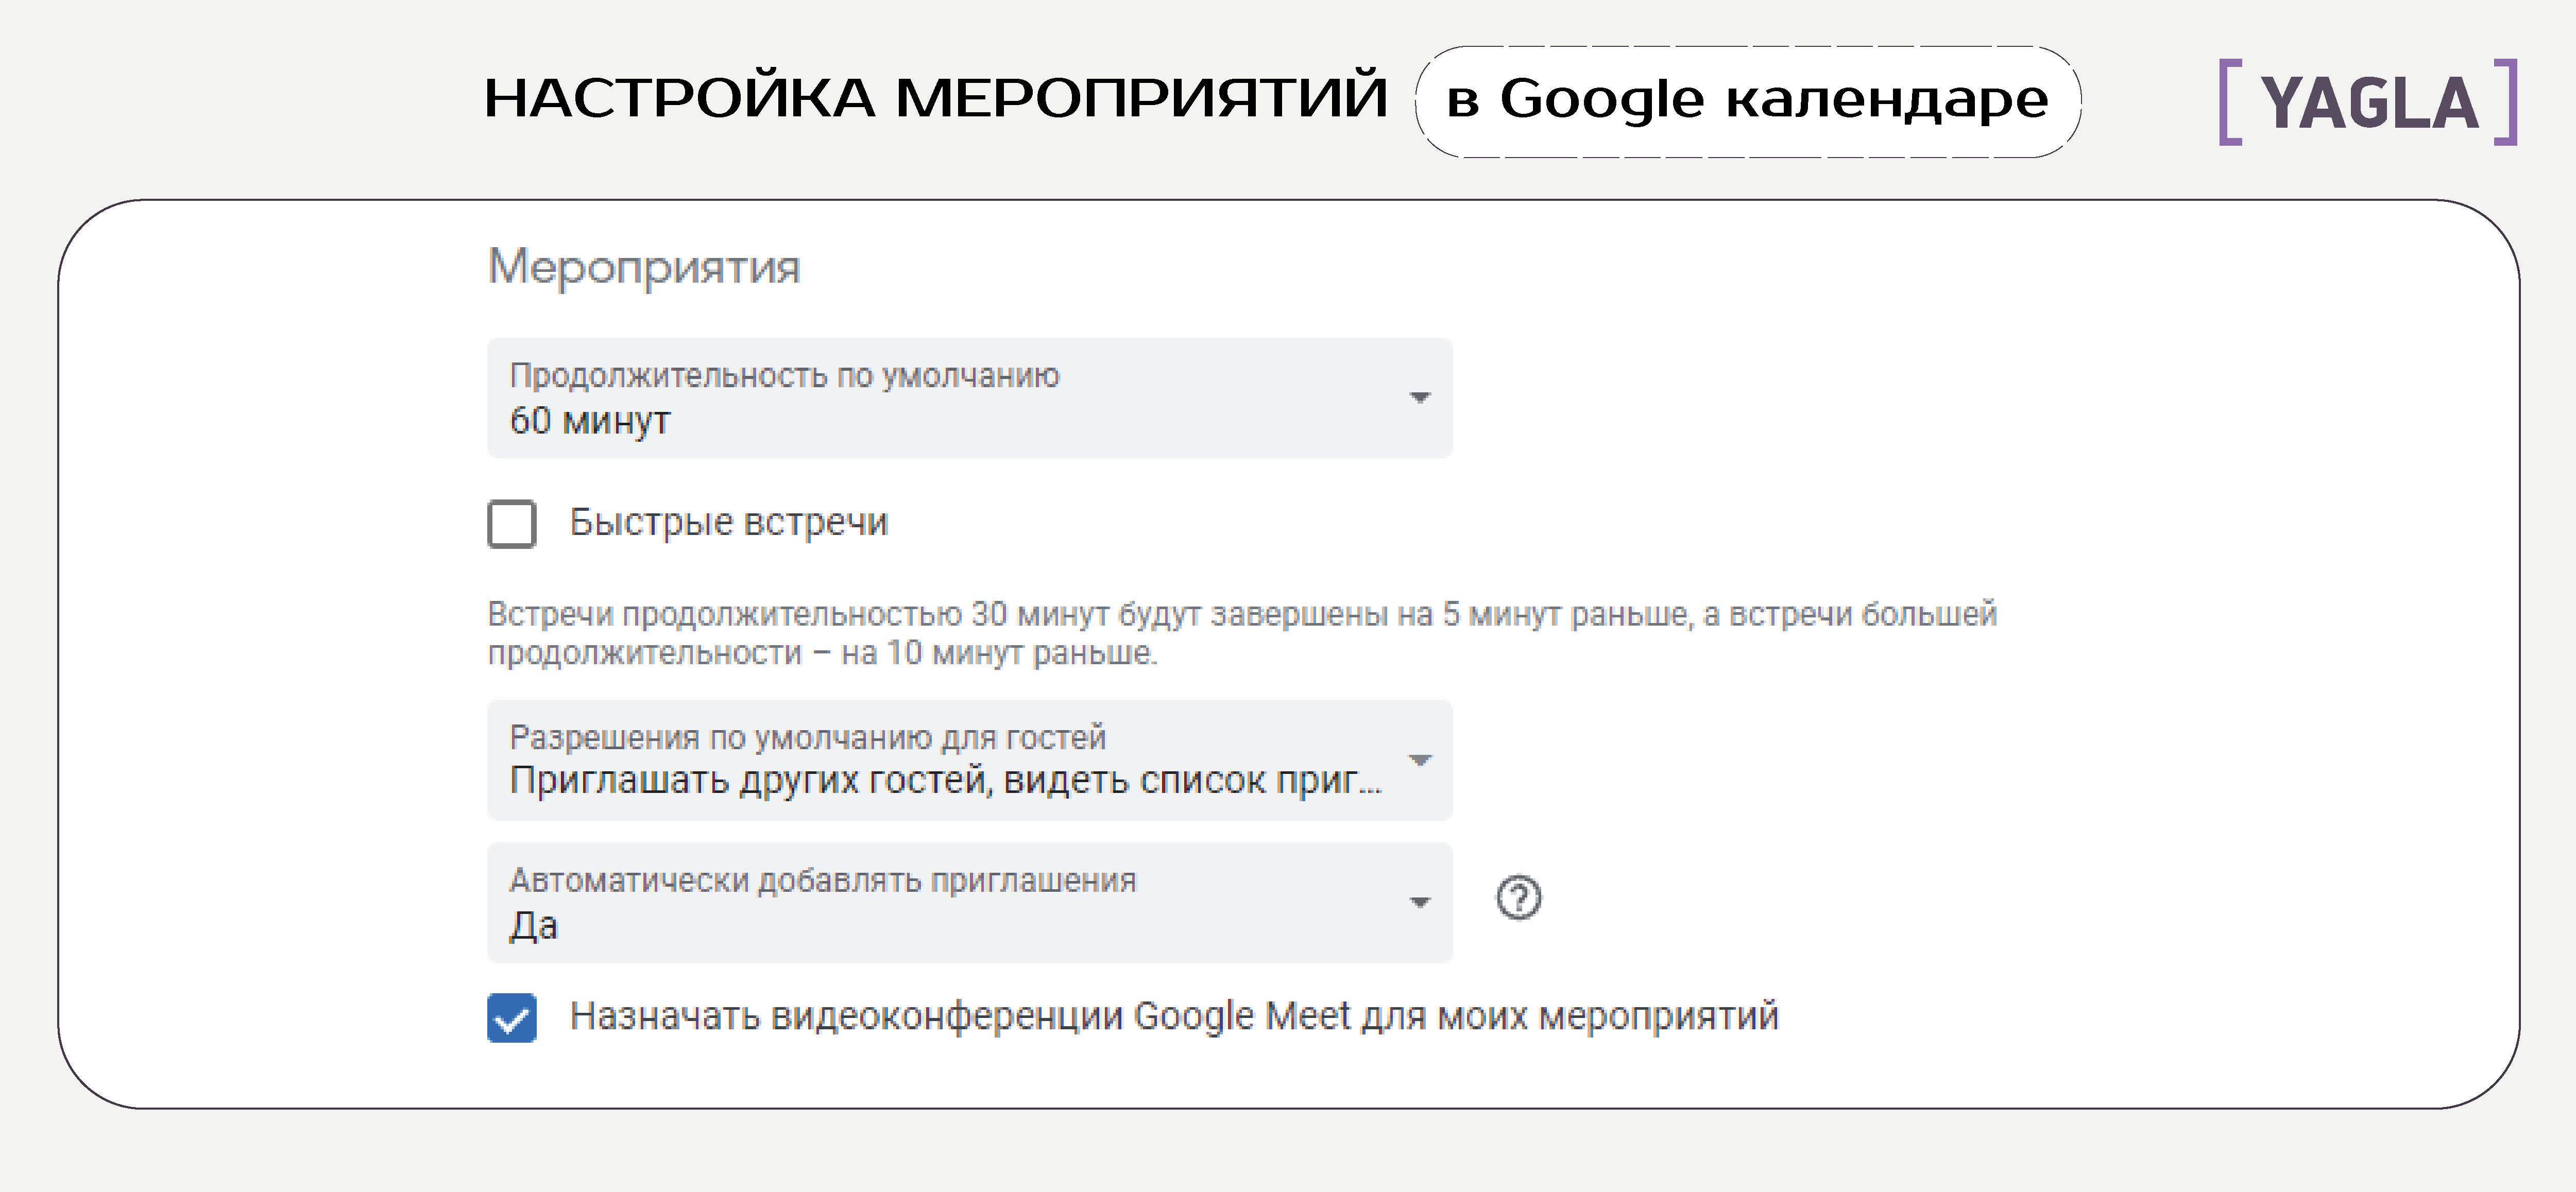 Настройка мероприятий в Google календаре